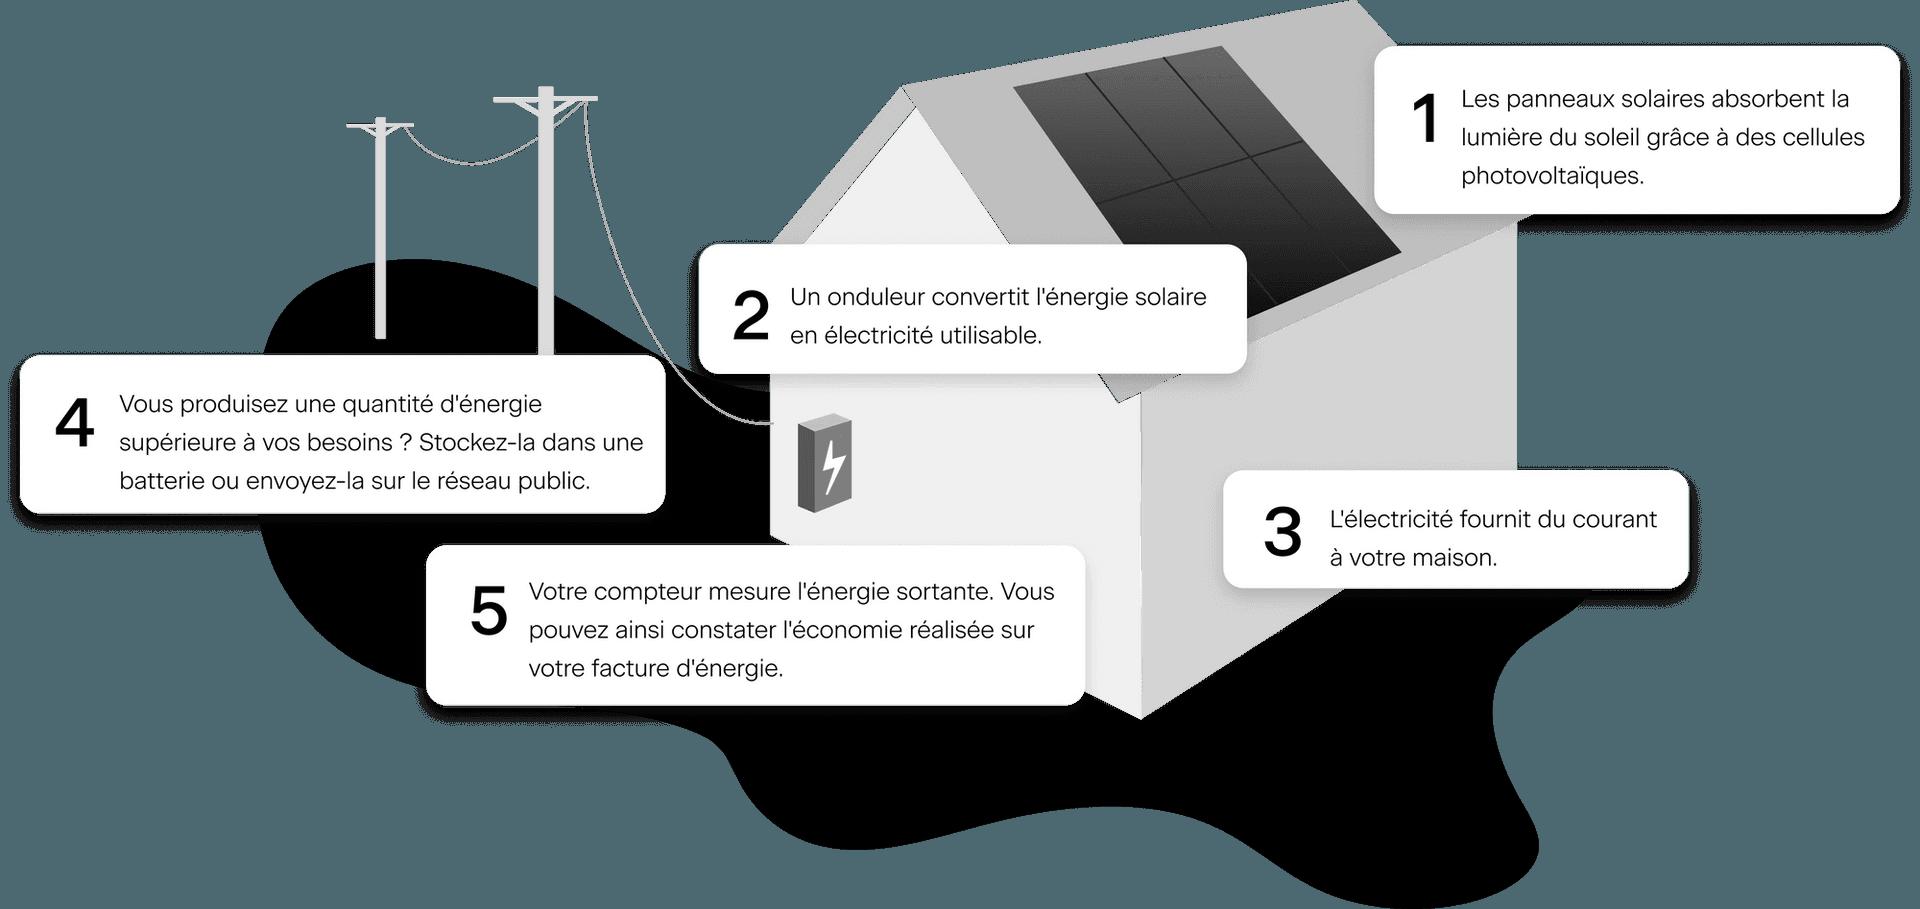 Panneaux solaires : comment ça marche?